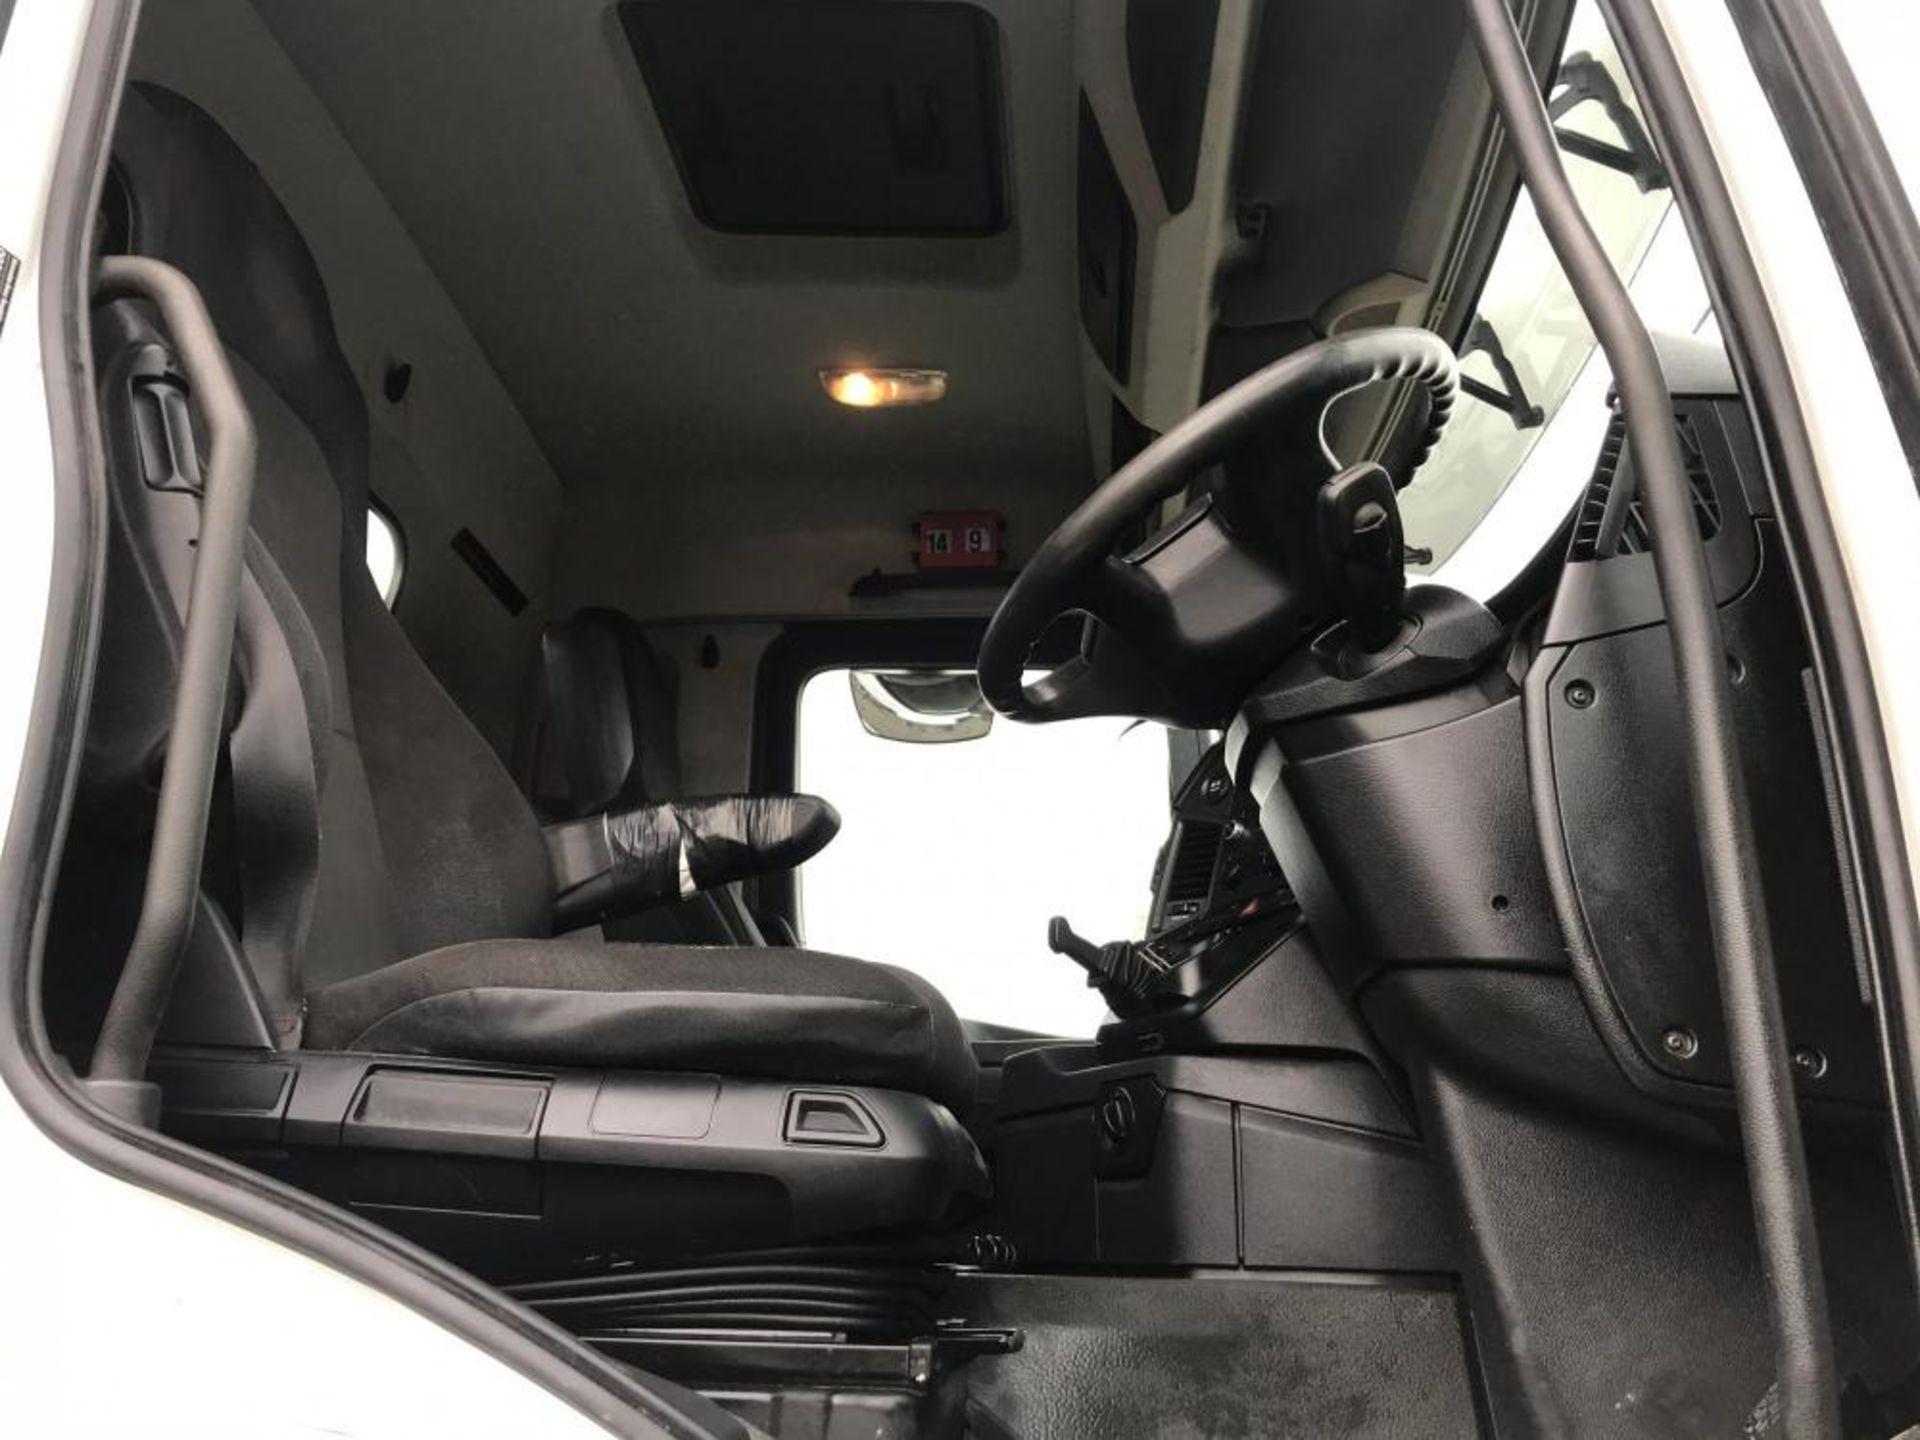 2014/64 REG MERCEDES-BENZ ACTROS 3240 HOOK LOADER 8X4 HARSH HOOK EQUIPMENT, AUTO GEARBOX *PLUS VAT* - Image 21 of 24